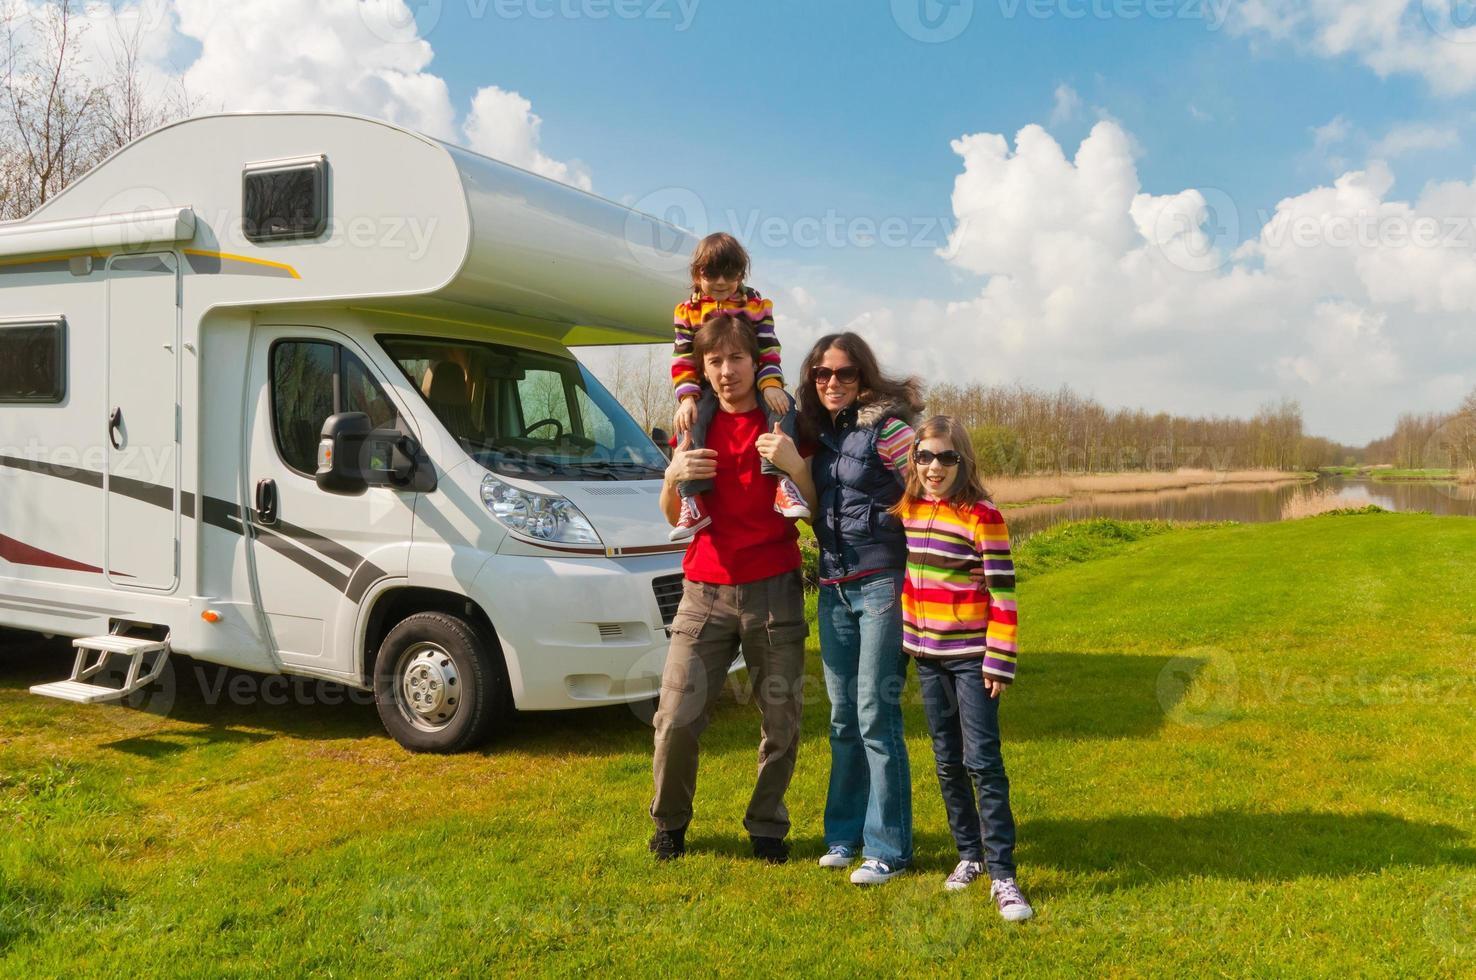 vacanza in famiglia in campeggio foto